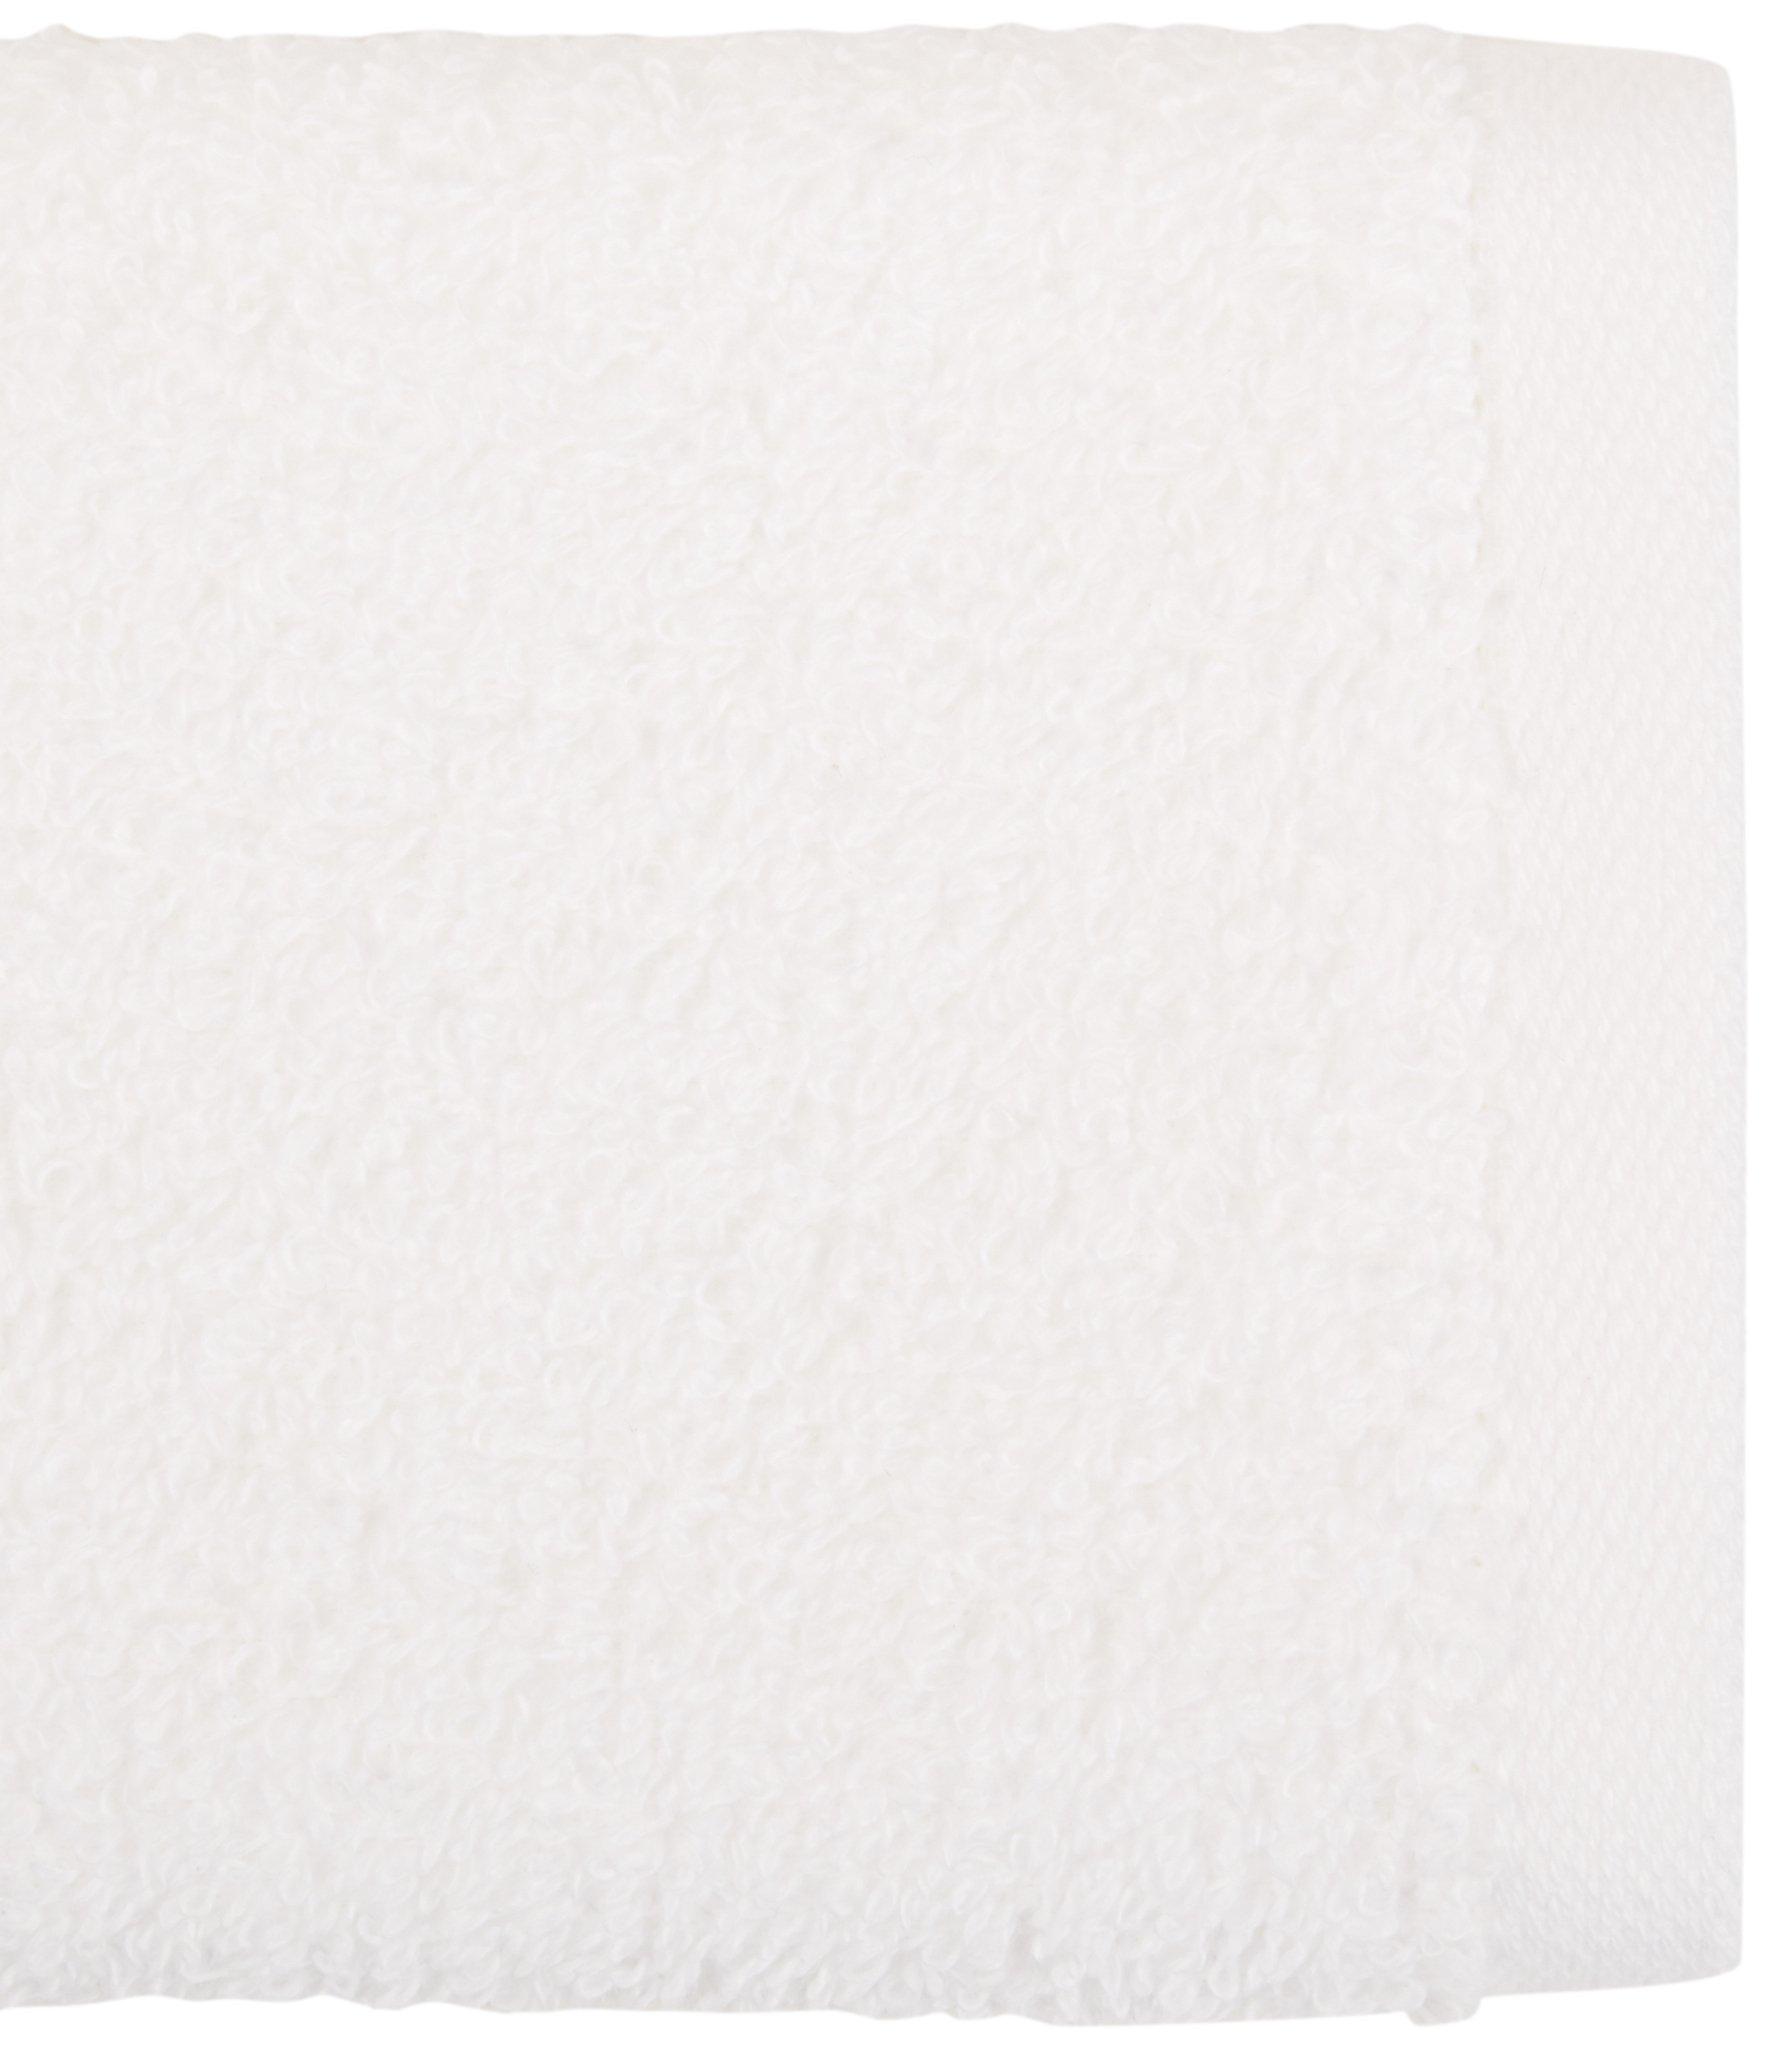 AmazonBasics Cotton Washcloths, 24 - Pack, White by AmazonBasics (Image #3)